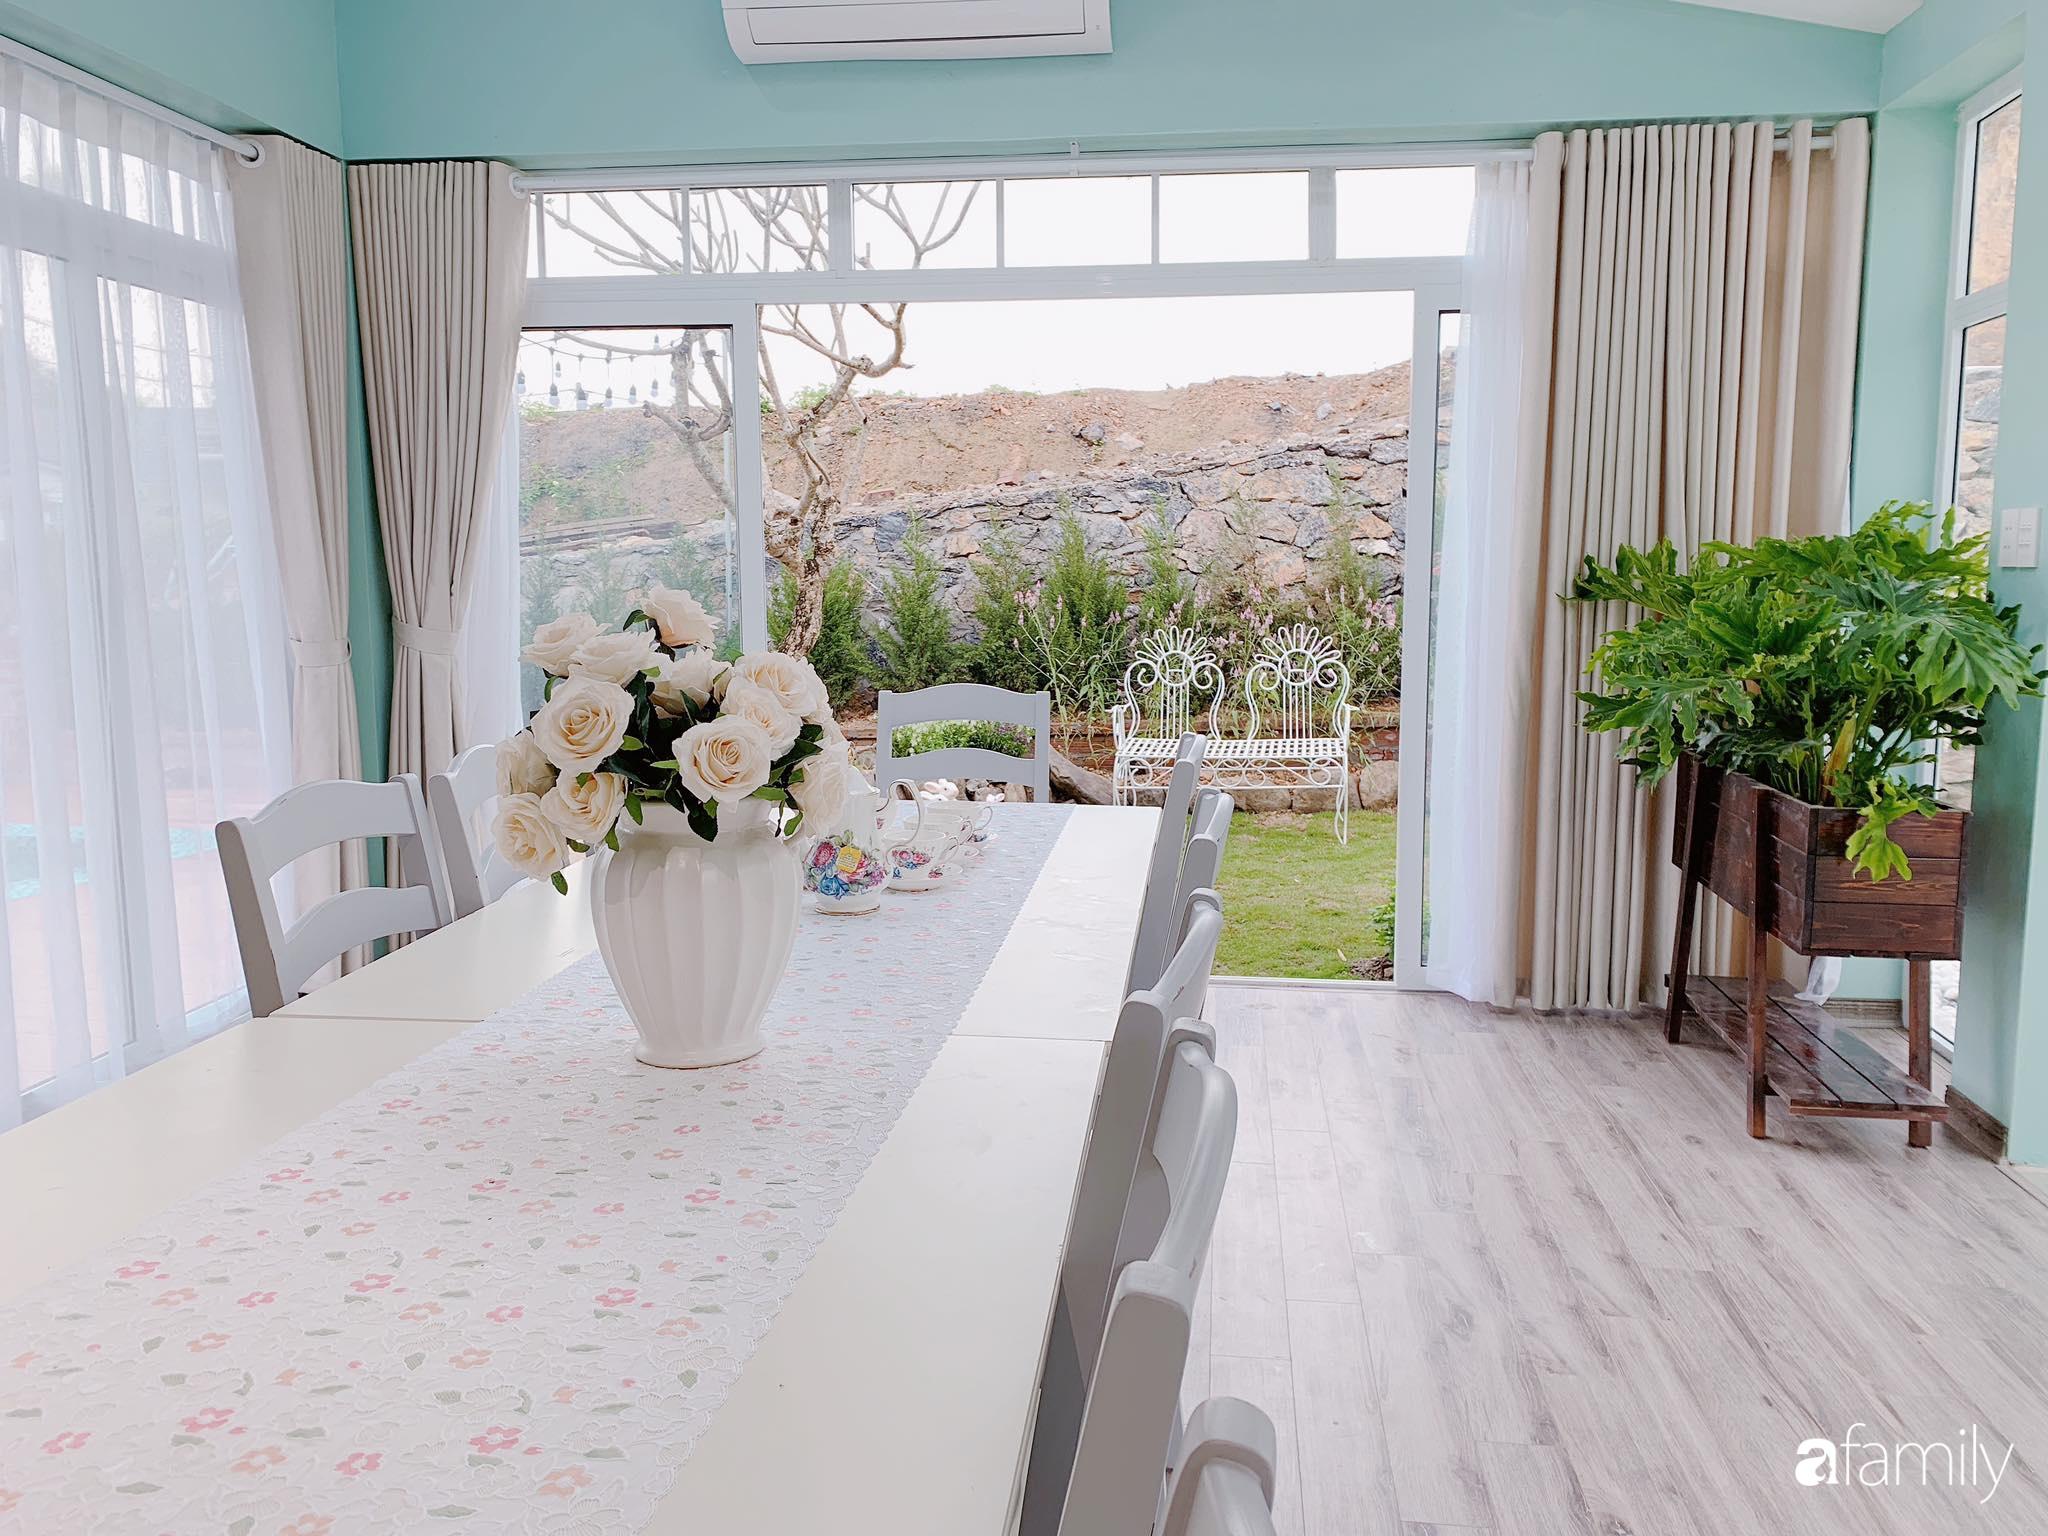 Biệt thự 1000m² tọa lạc trên đồi đẹp yên bình với ngoại thất sân vườn rực rỡ sắc màu hoa lá ở Hòa Bình - Ảnh 16.